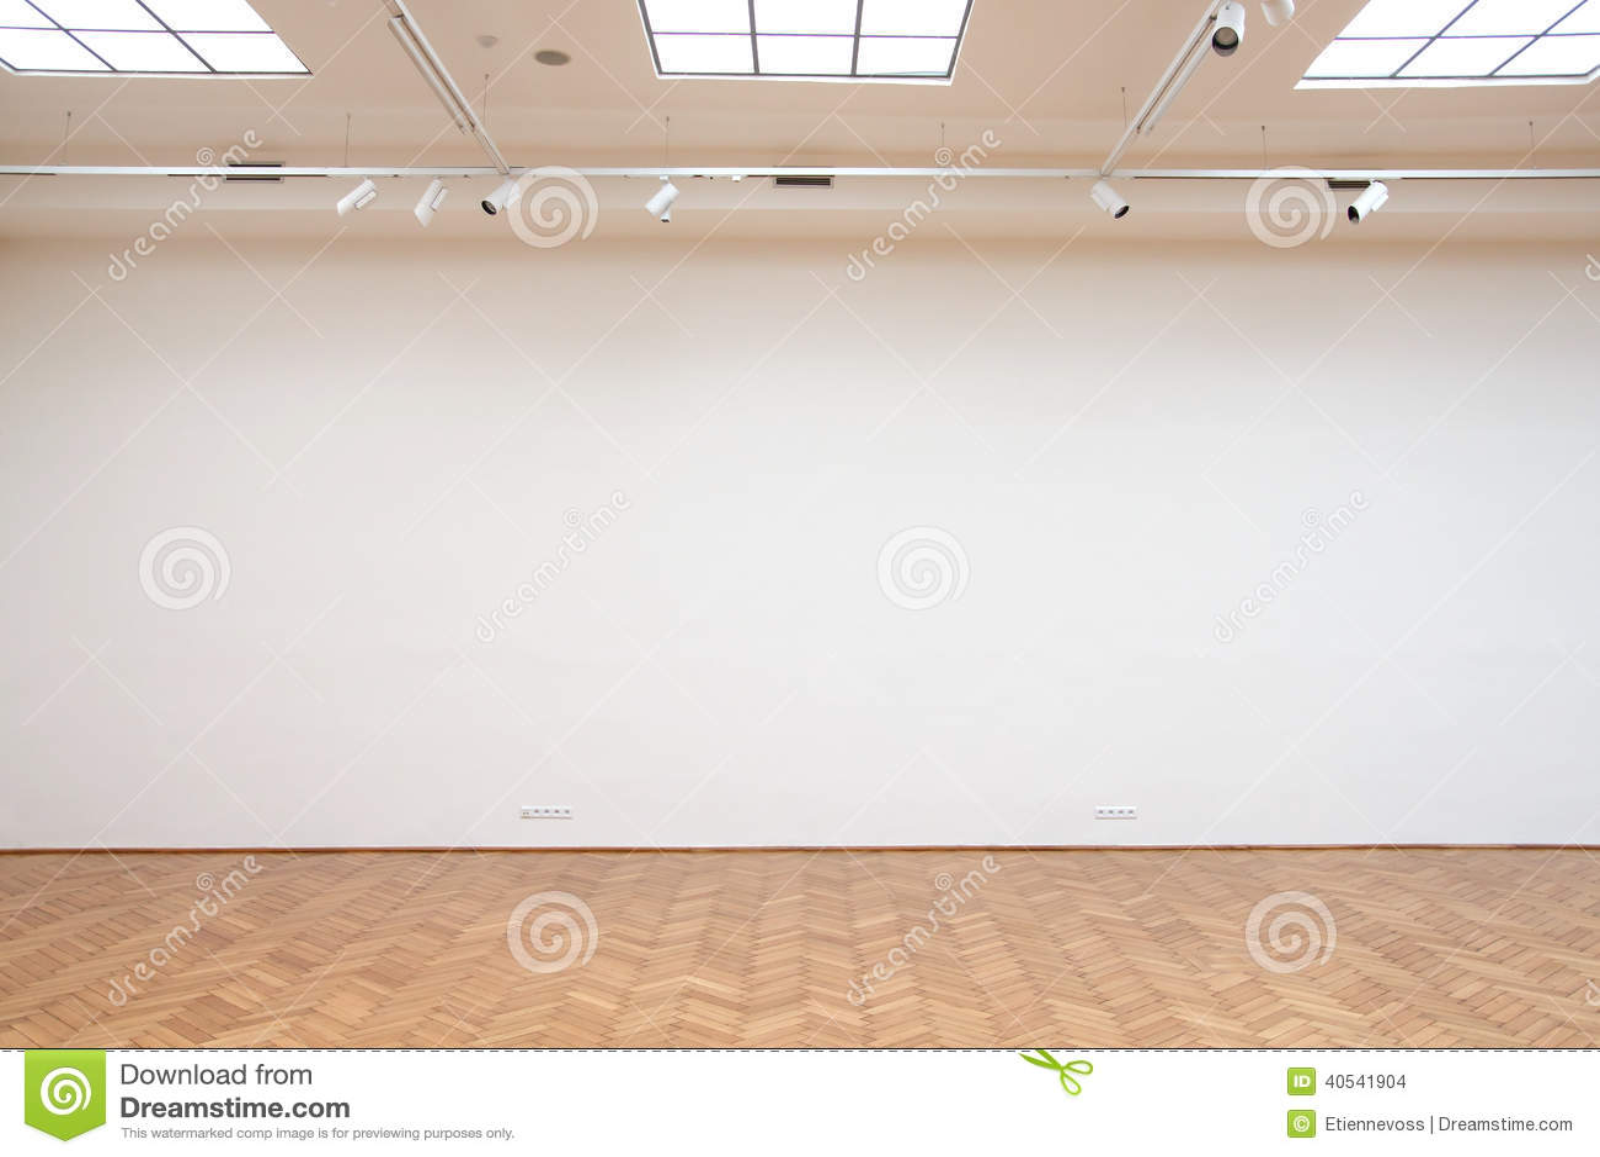 große weiße wand mit bretterbodenfliesen stockfoto - bild von haupt